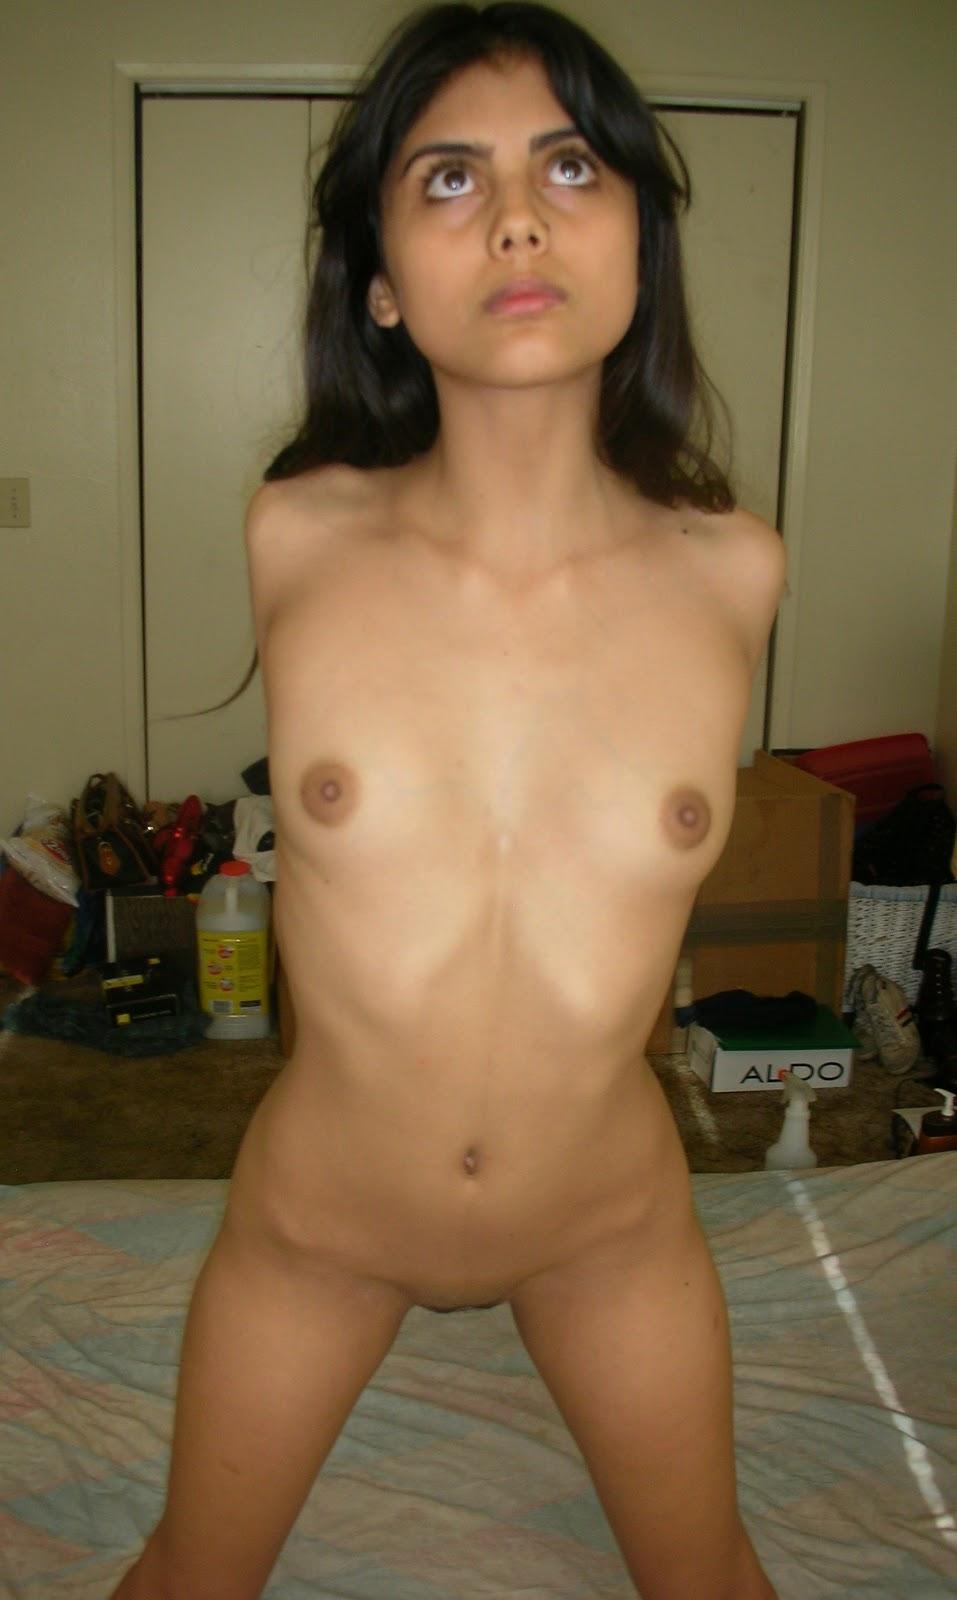 Xxx asian girls gallerie